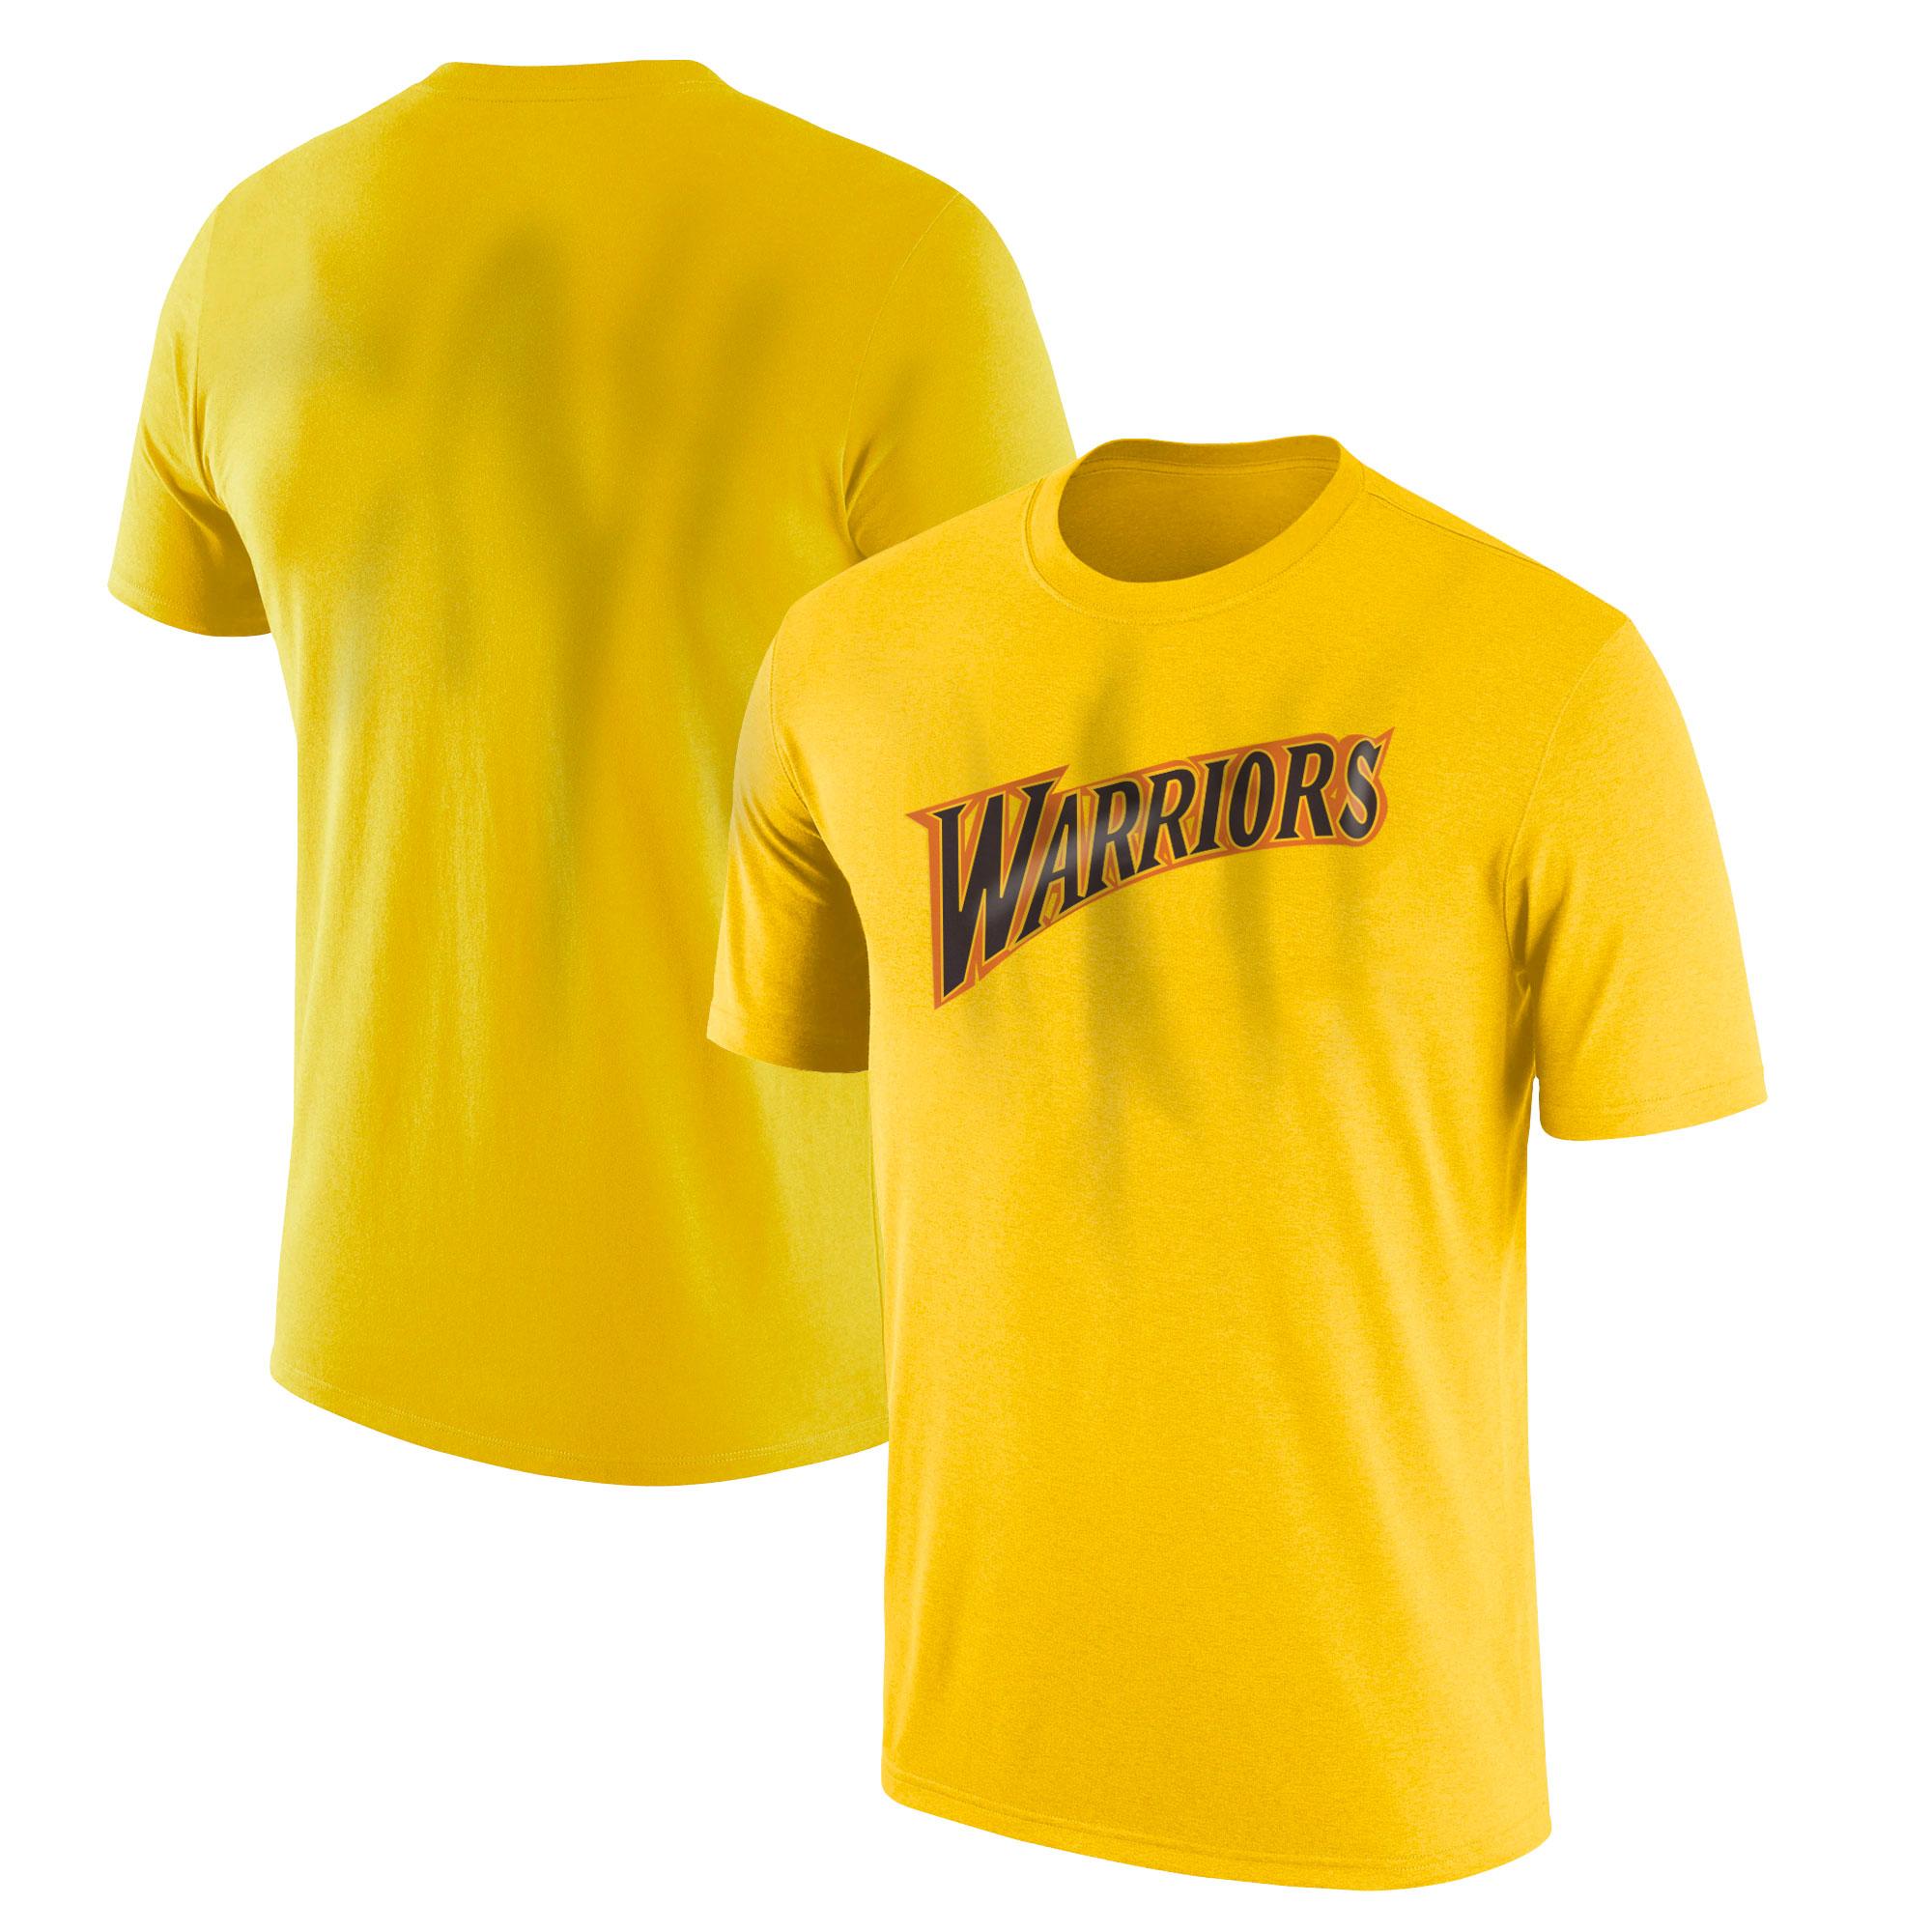 Golden State Warriors Tshirt (TSH-YLW-482-NBA-GSW)